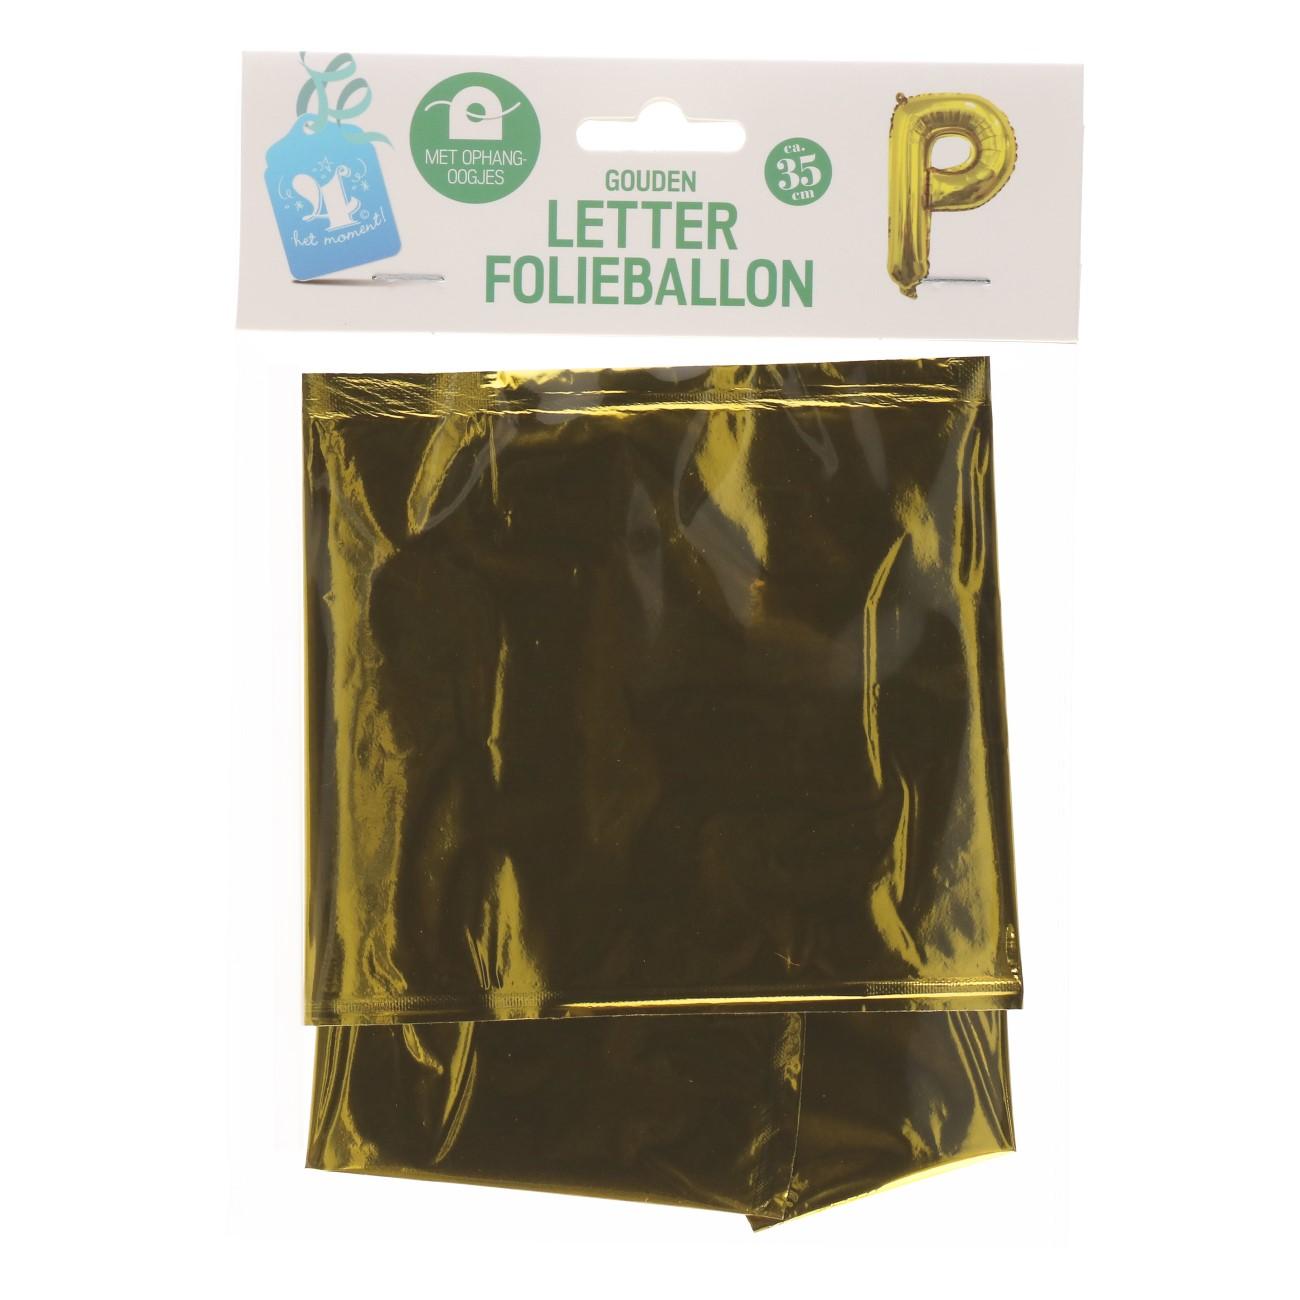 Folieballon letter goud P